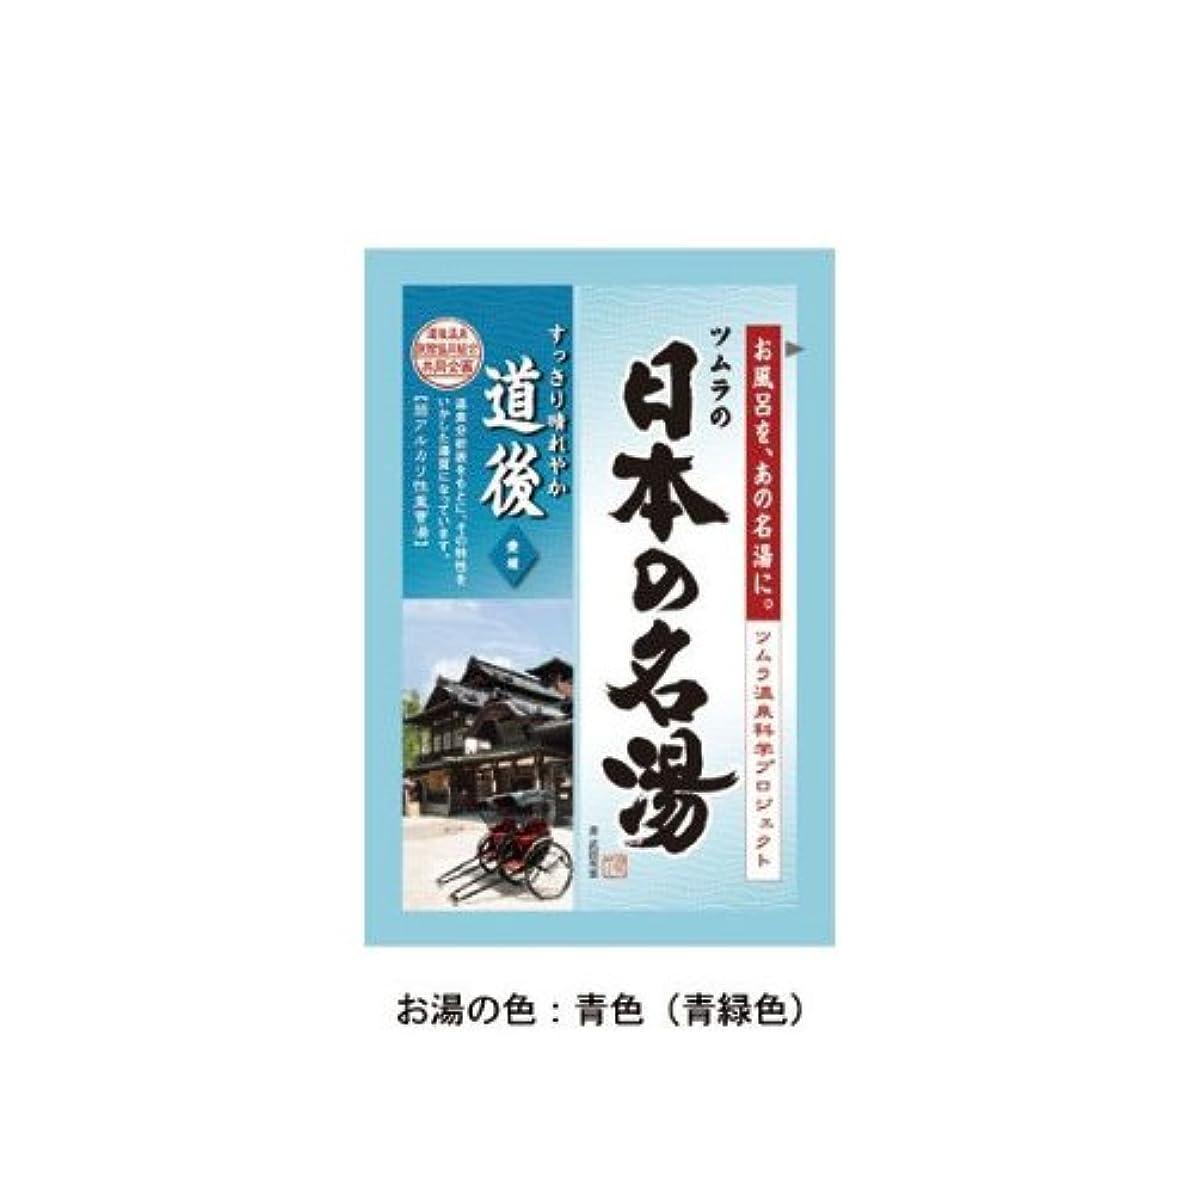 持続するうるさい湿原ツムラの日本の名湯 道後